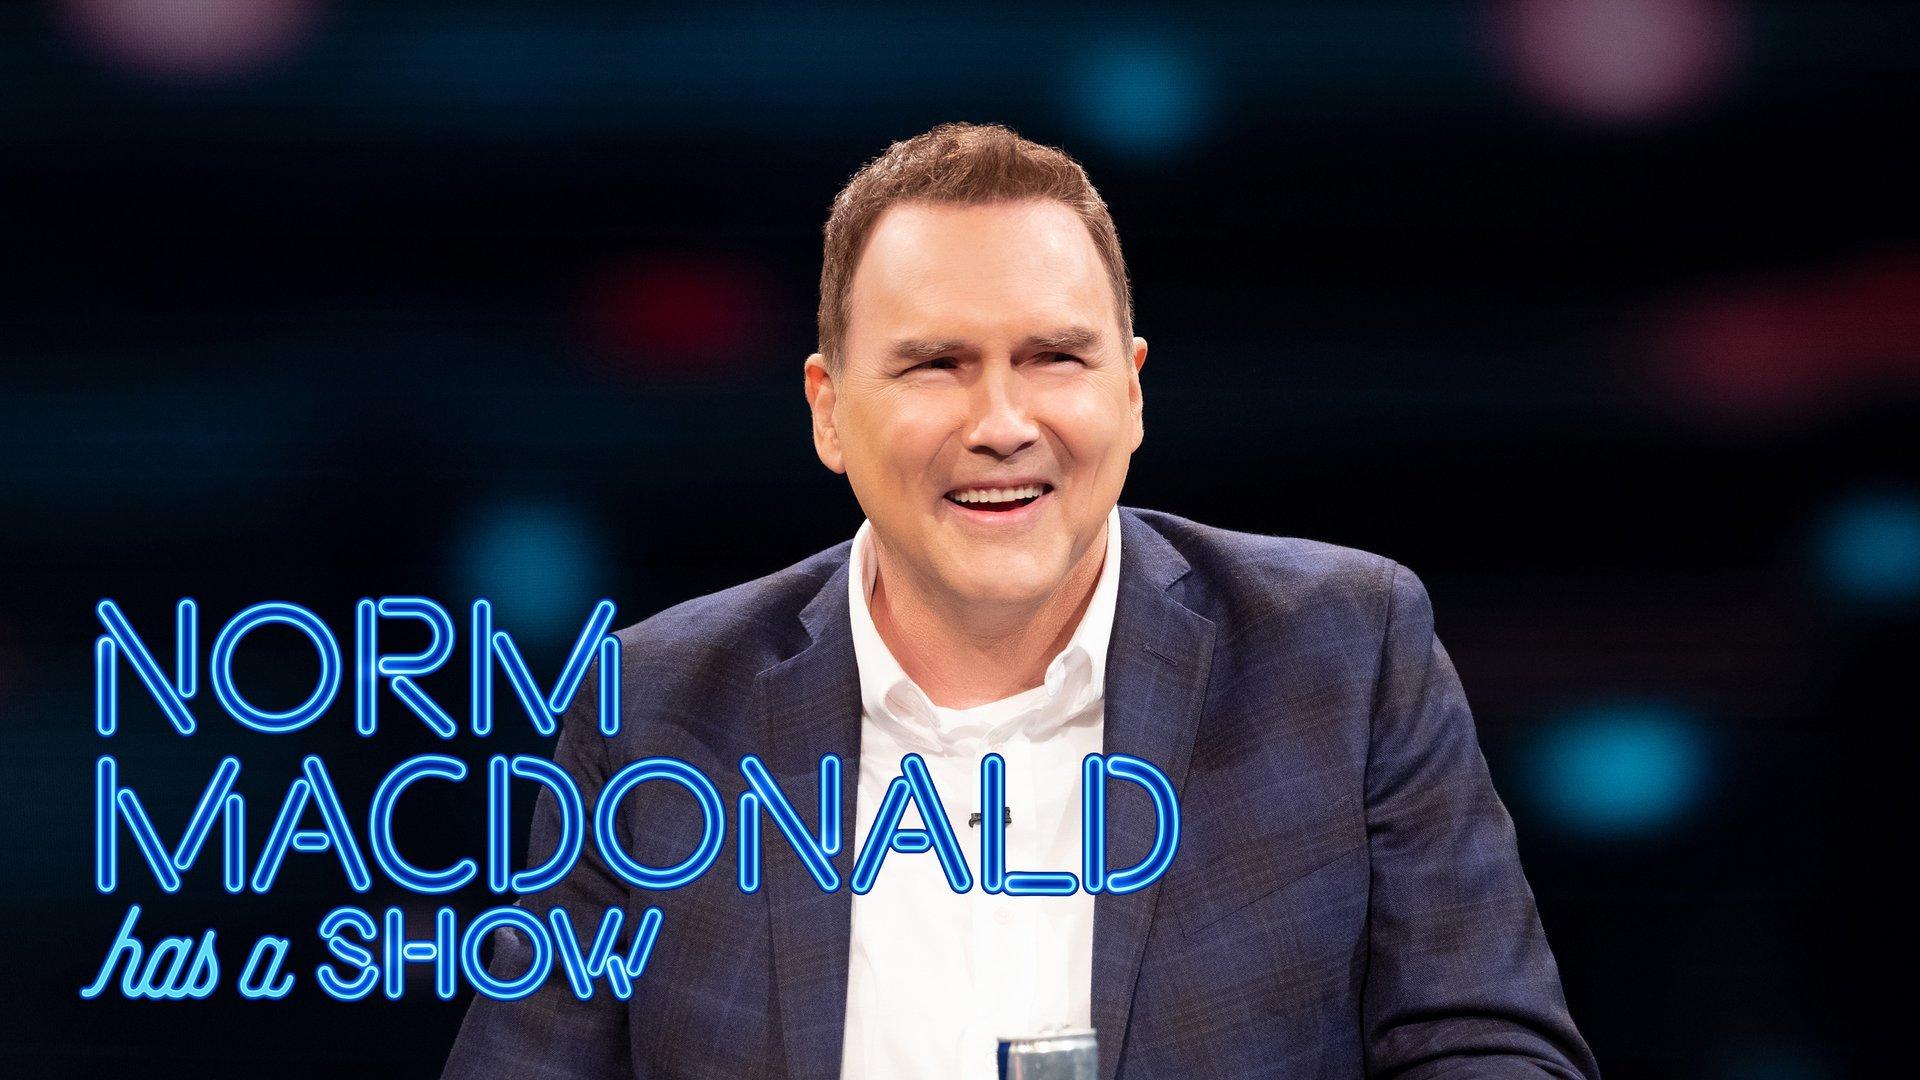 Norm Macdonald Has a Show (Netflix)